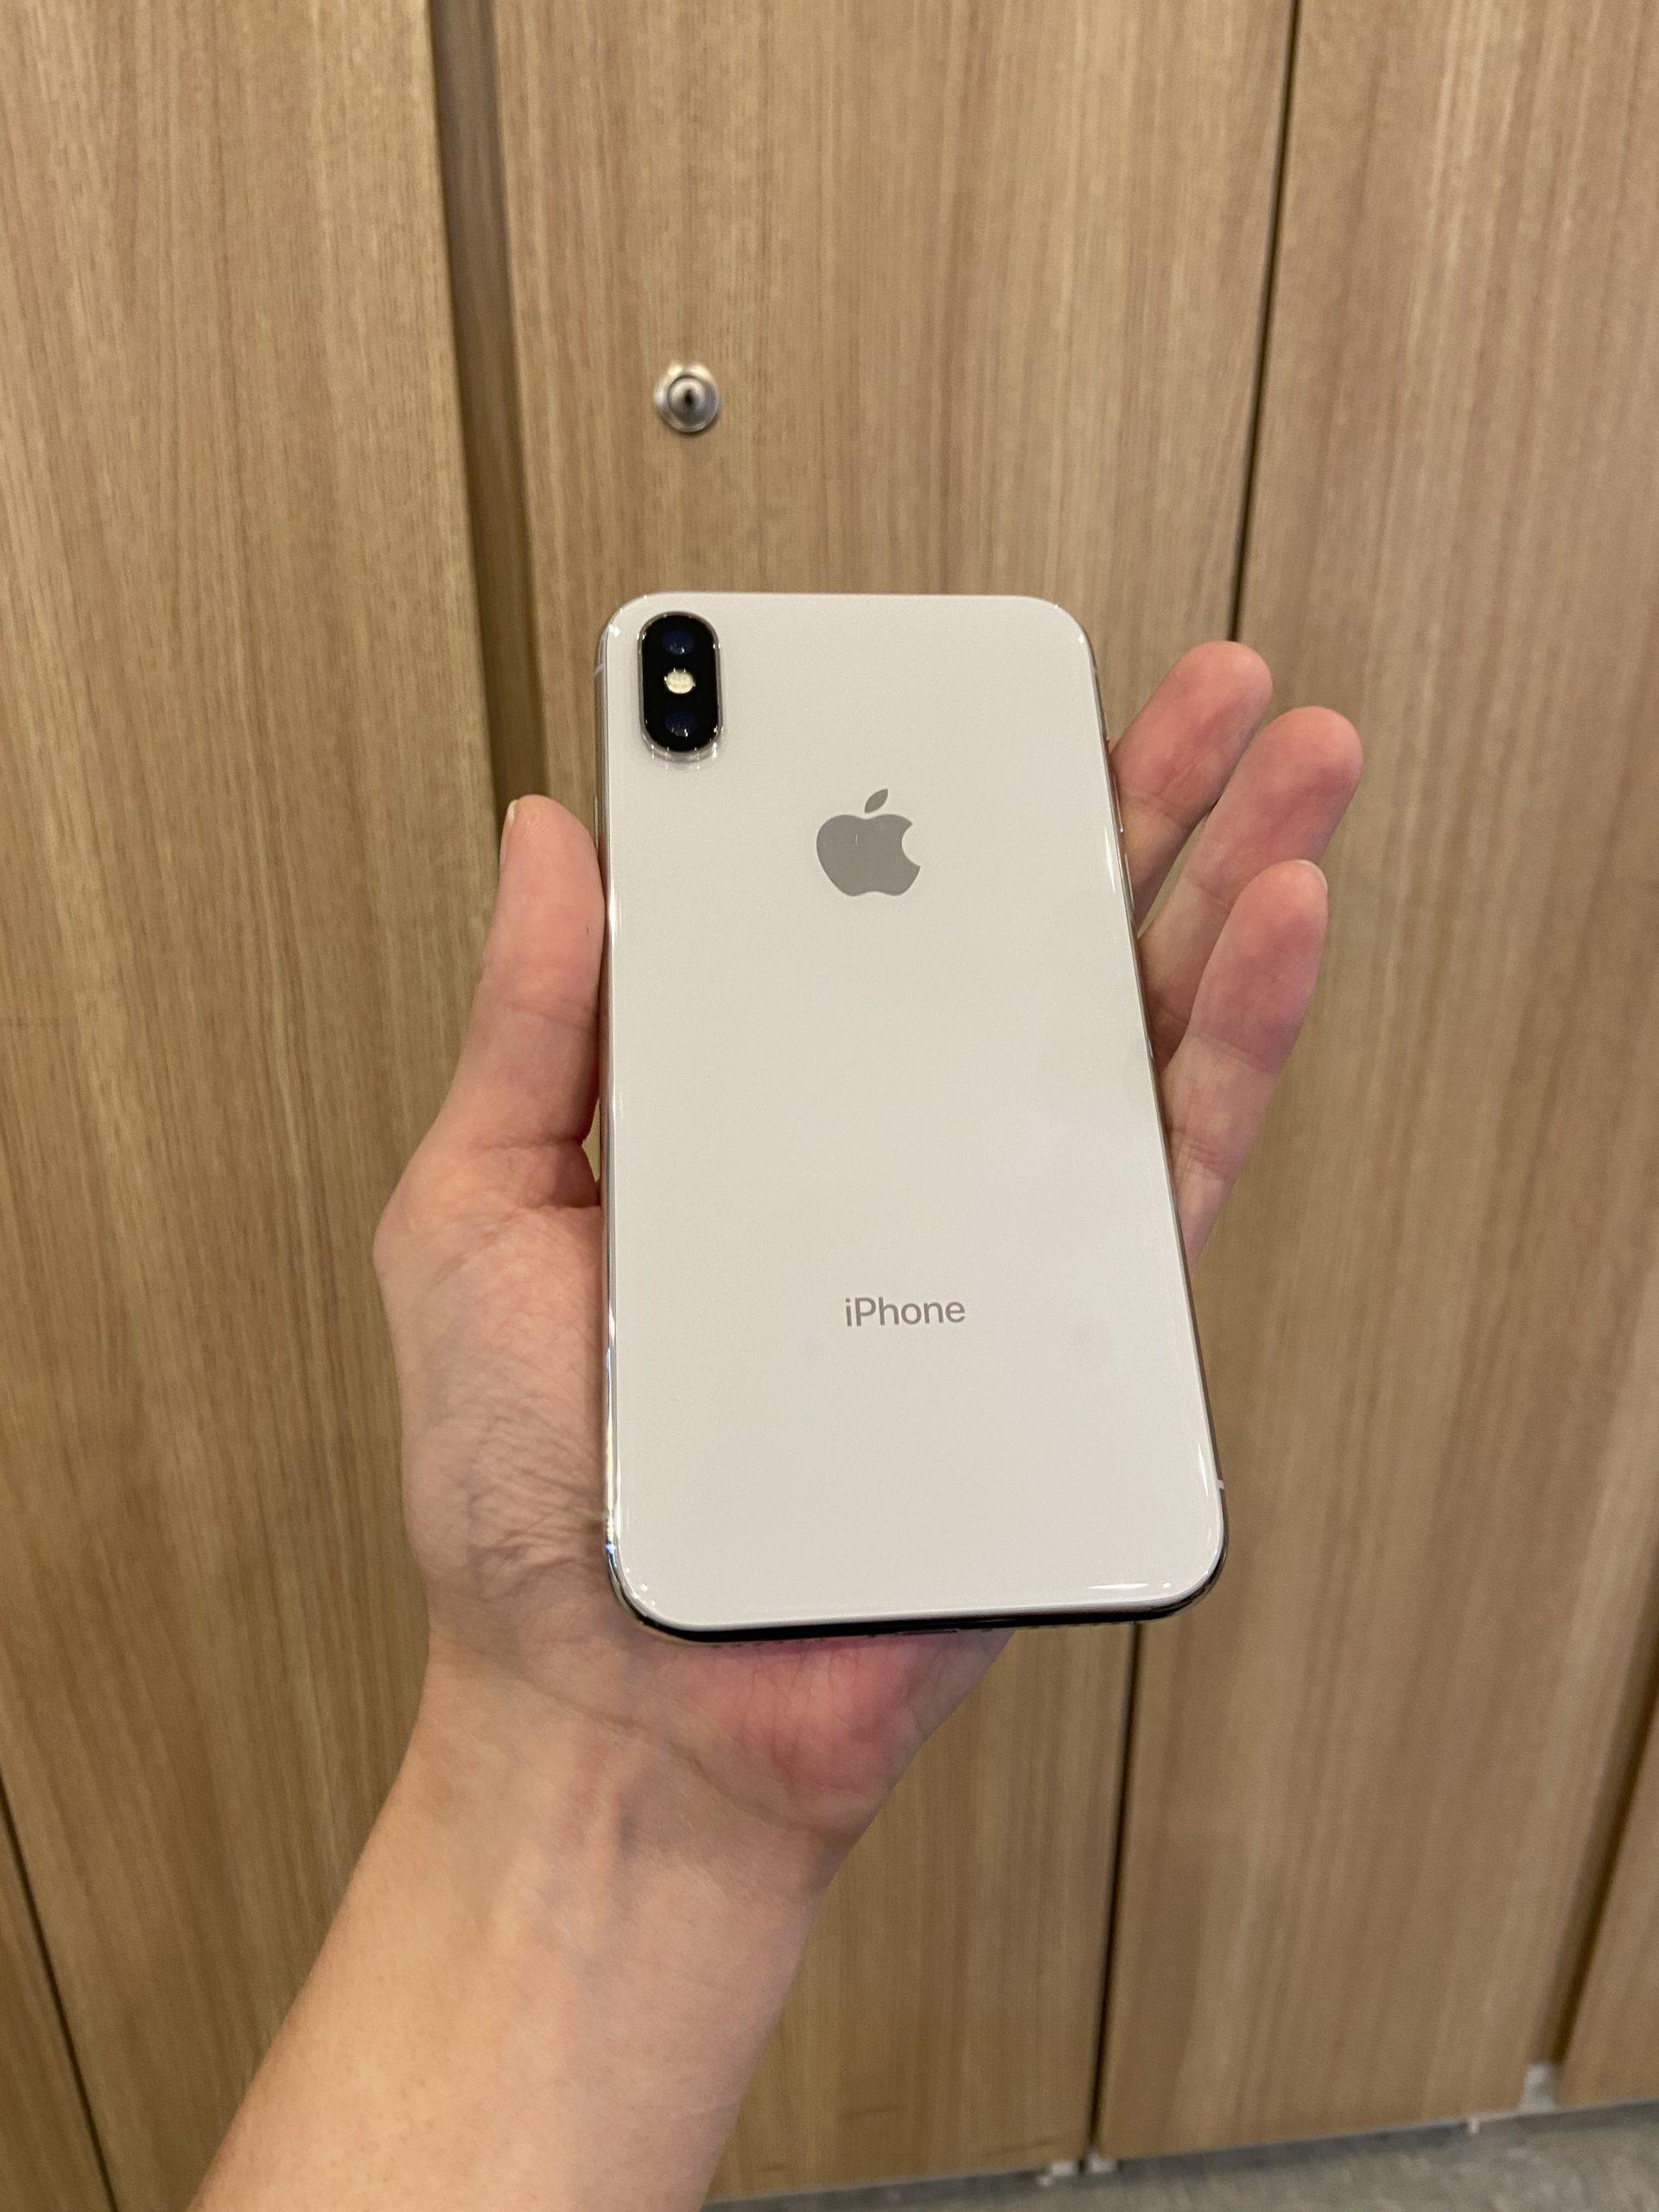 iPhoneX 256GB au〇 ホワイト 中古